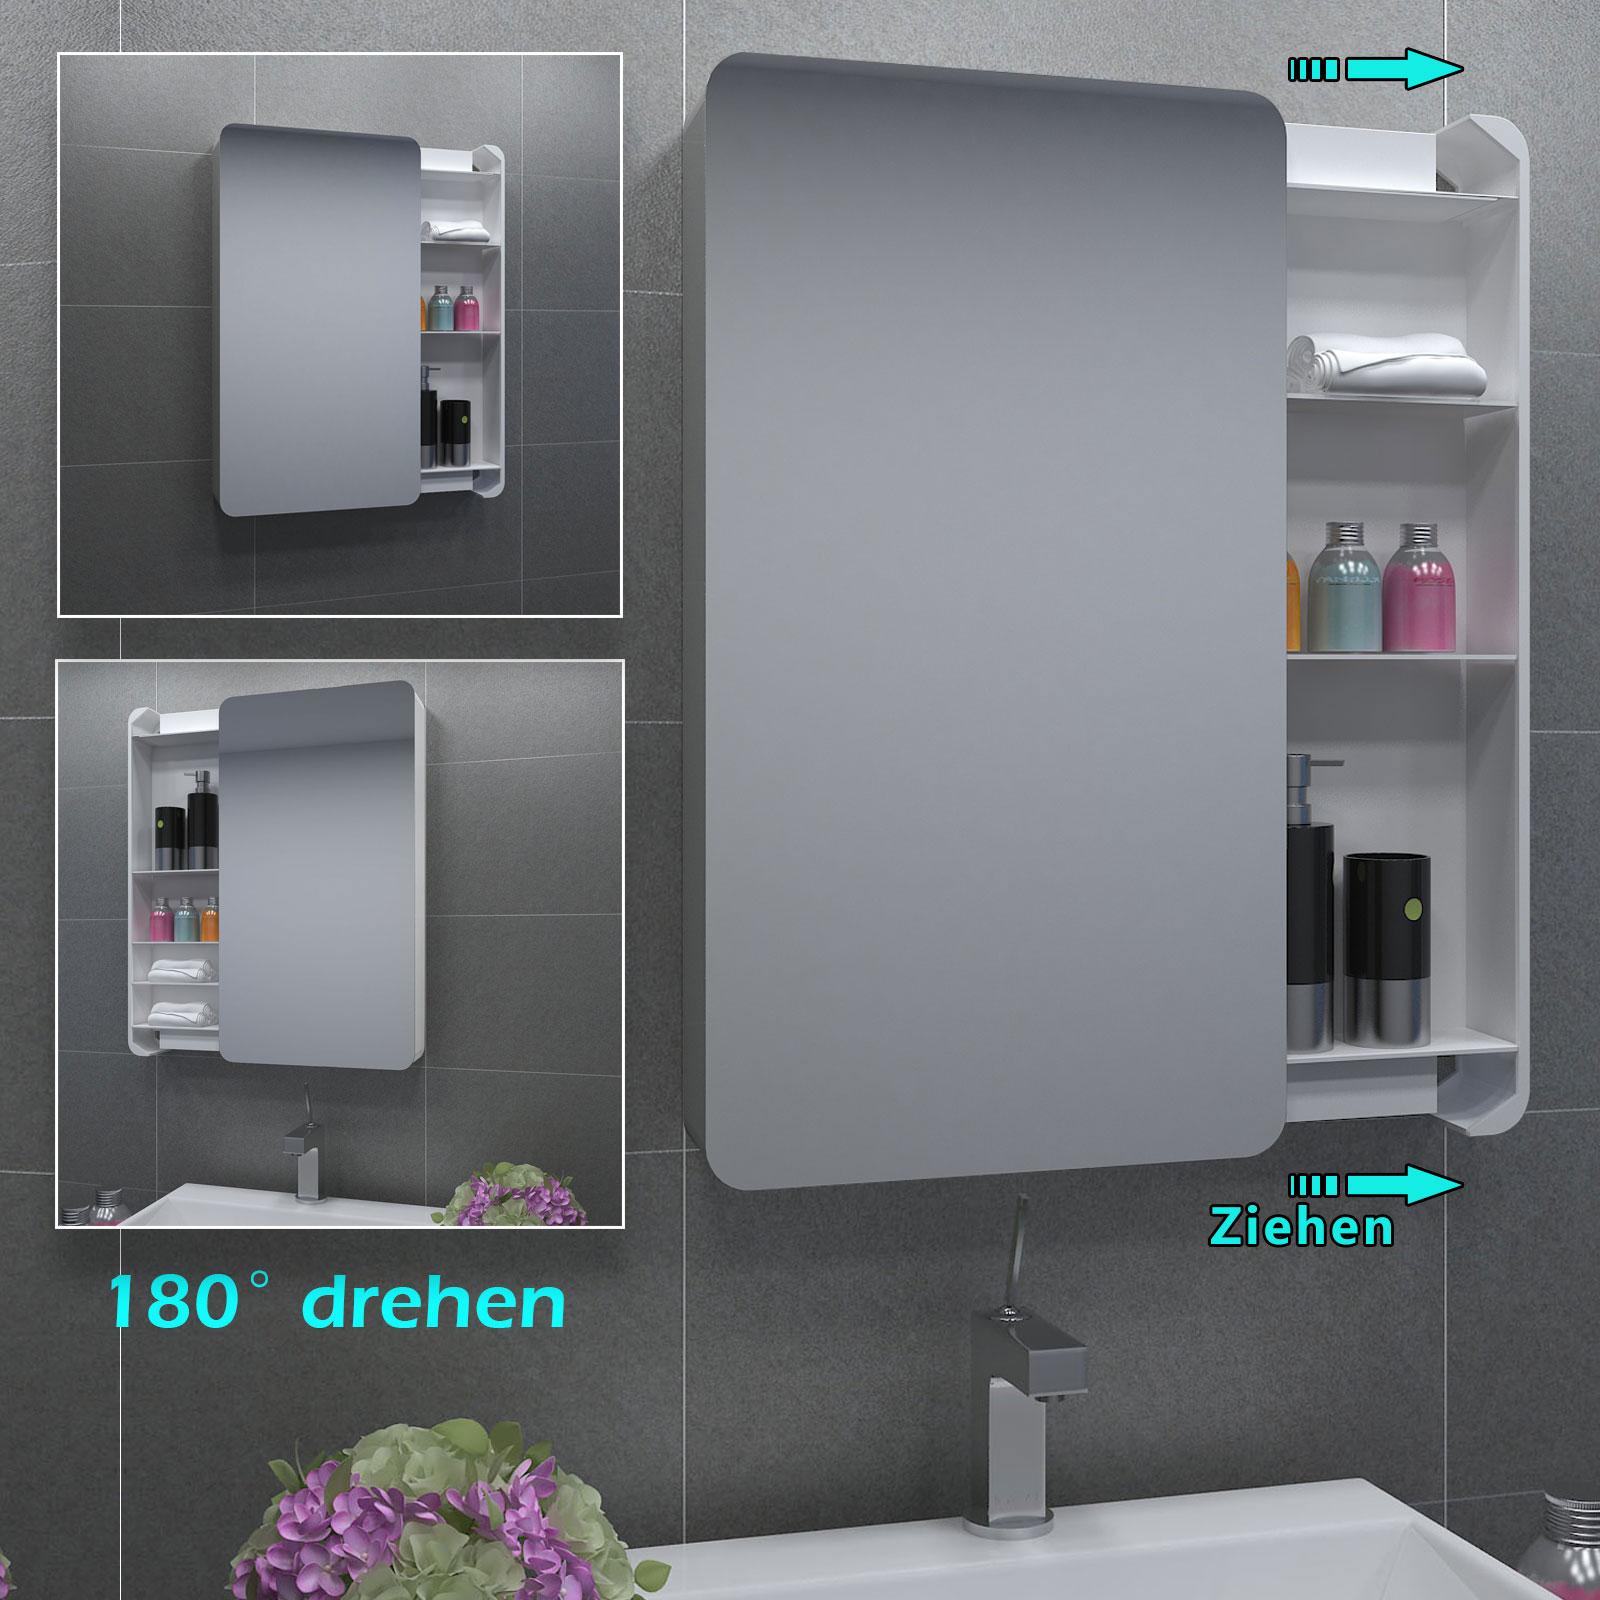 spiegelschrank badezimmerspiegel badspiegel superflach 40x73cm ebay. Black Bedroom Furniture Sets. Home Design Ideas